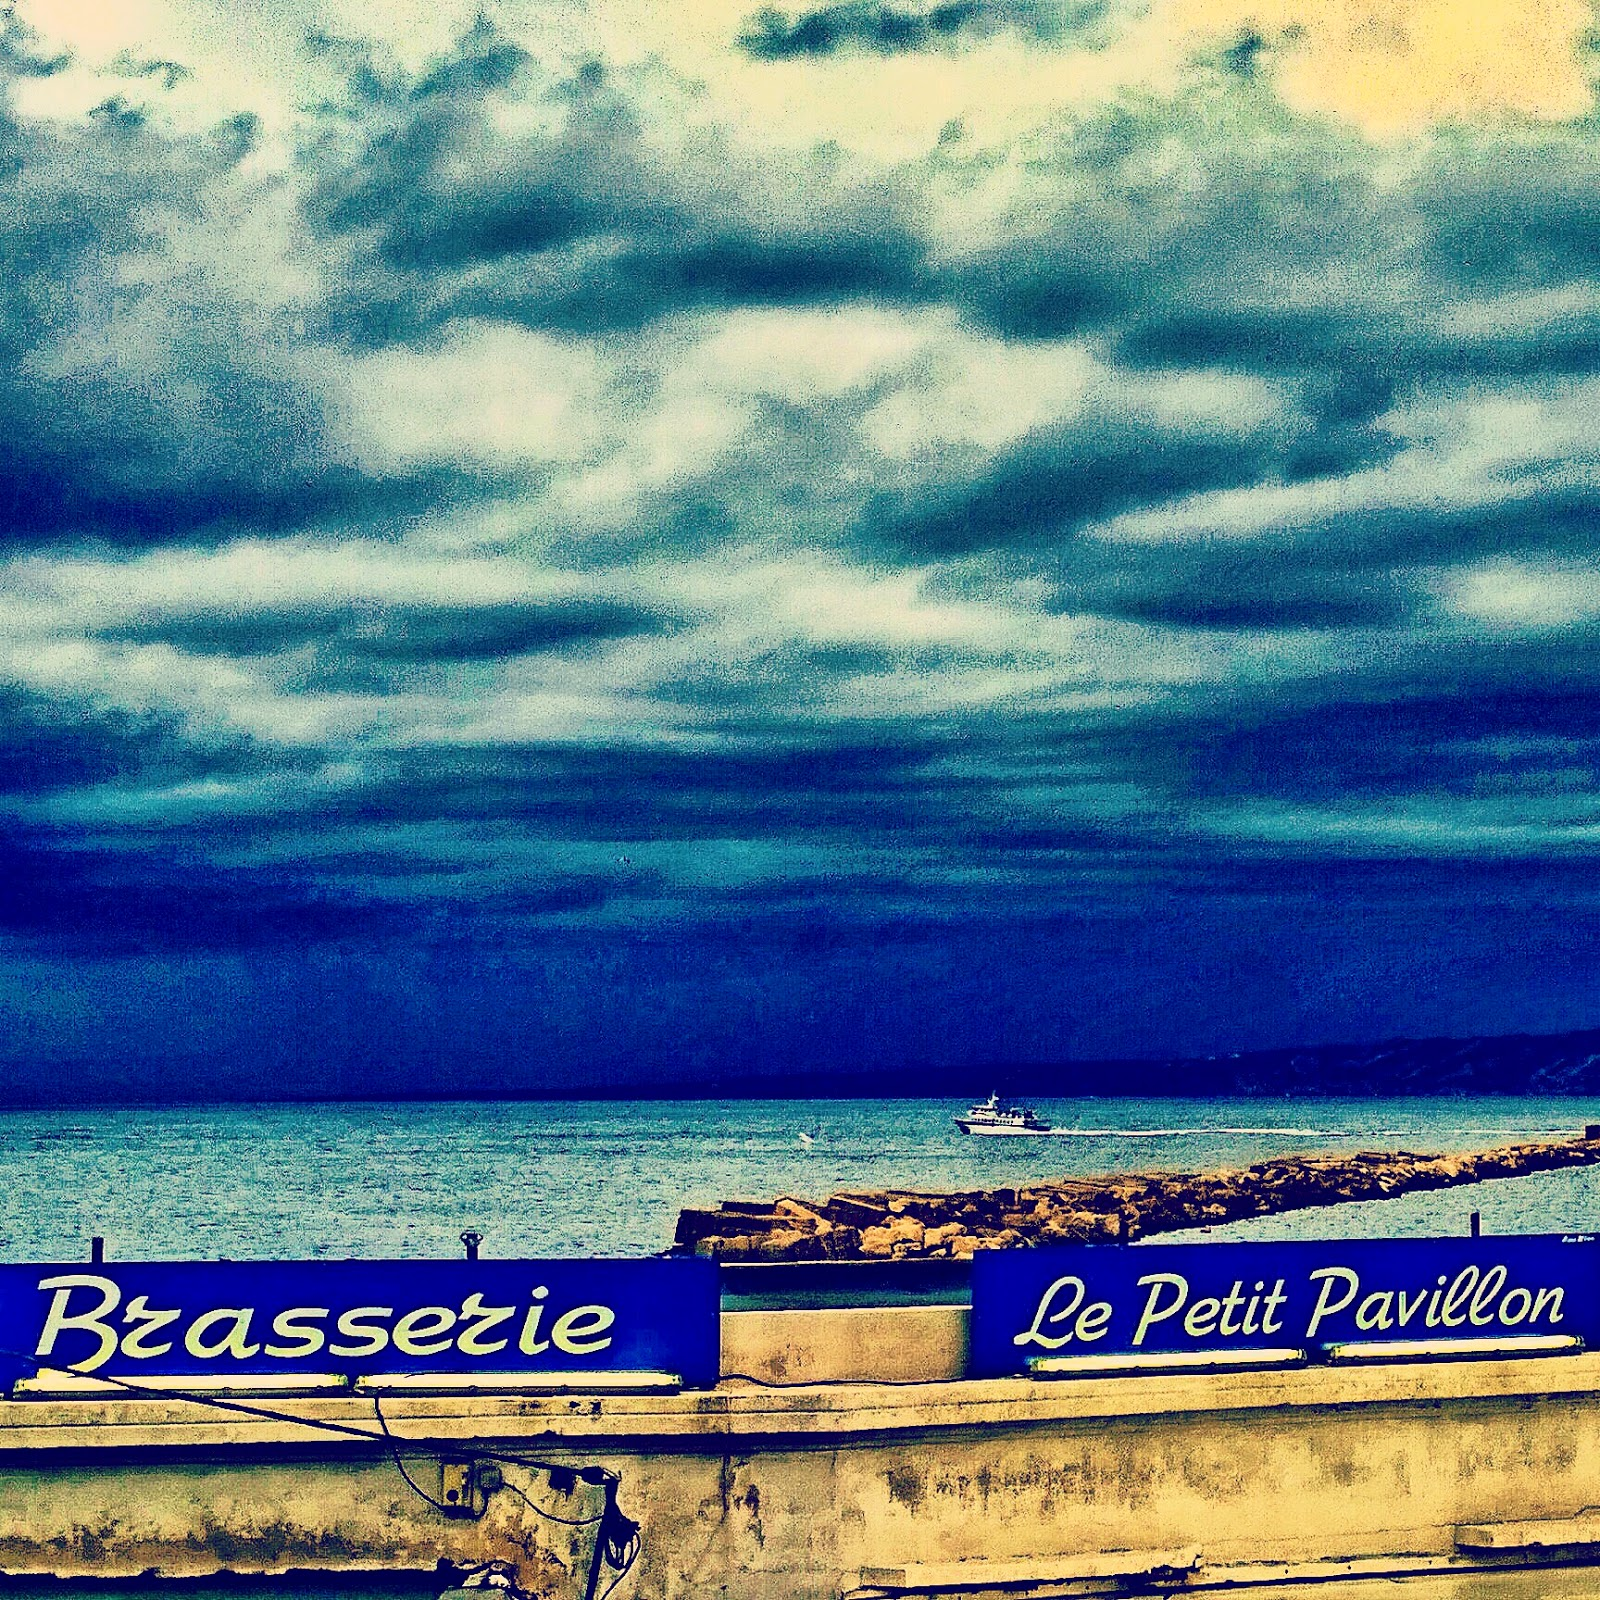 Instagramailly vue sur le petit pavillon et la mer par temps orageux - Le petit pavillon marseille ...